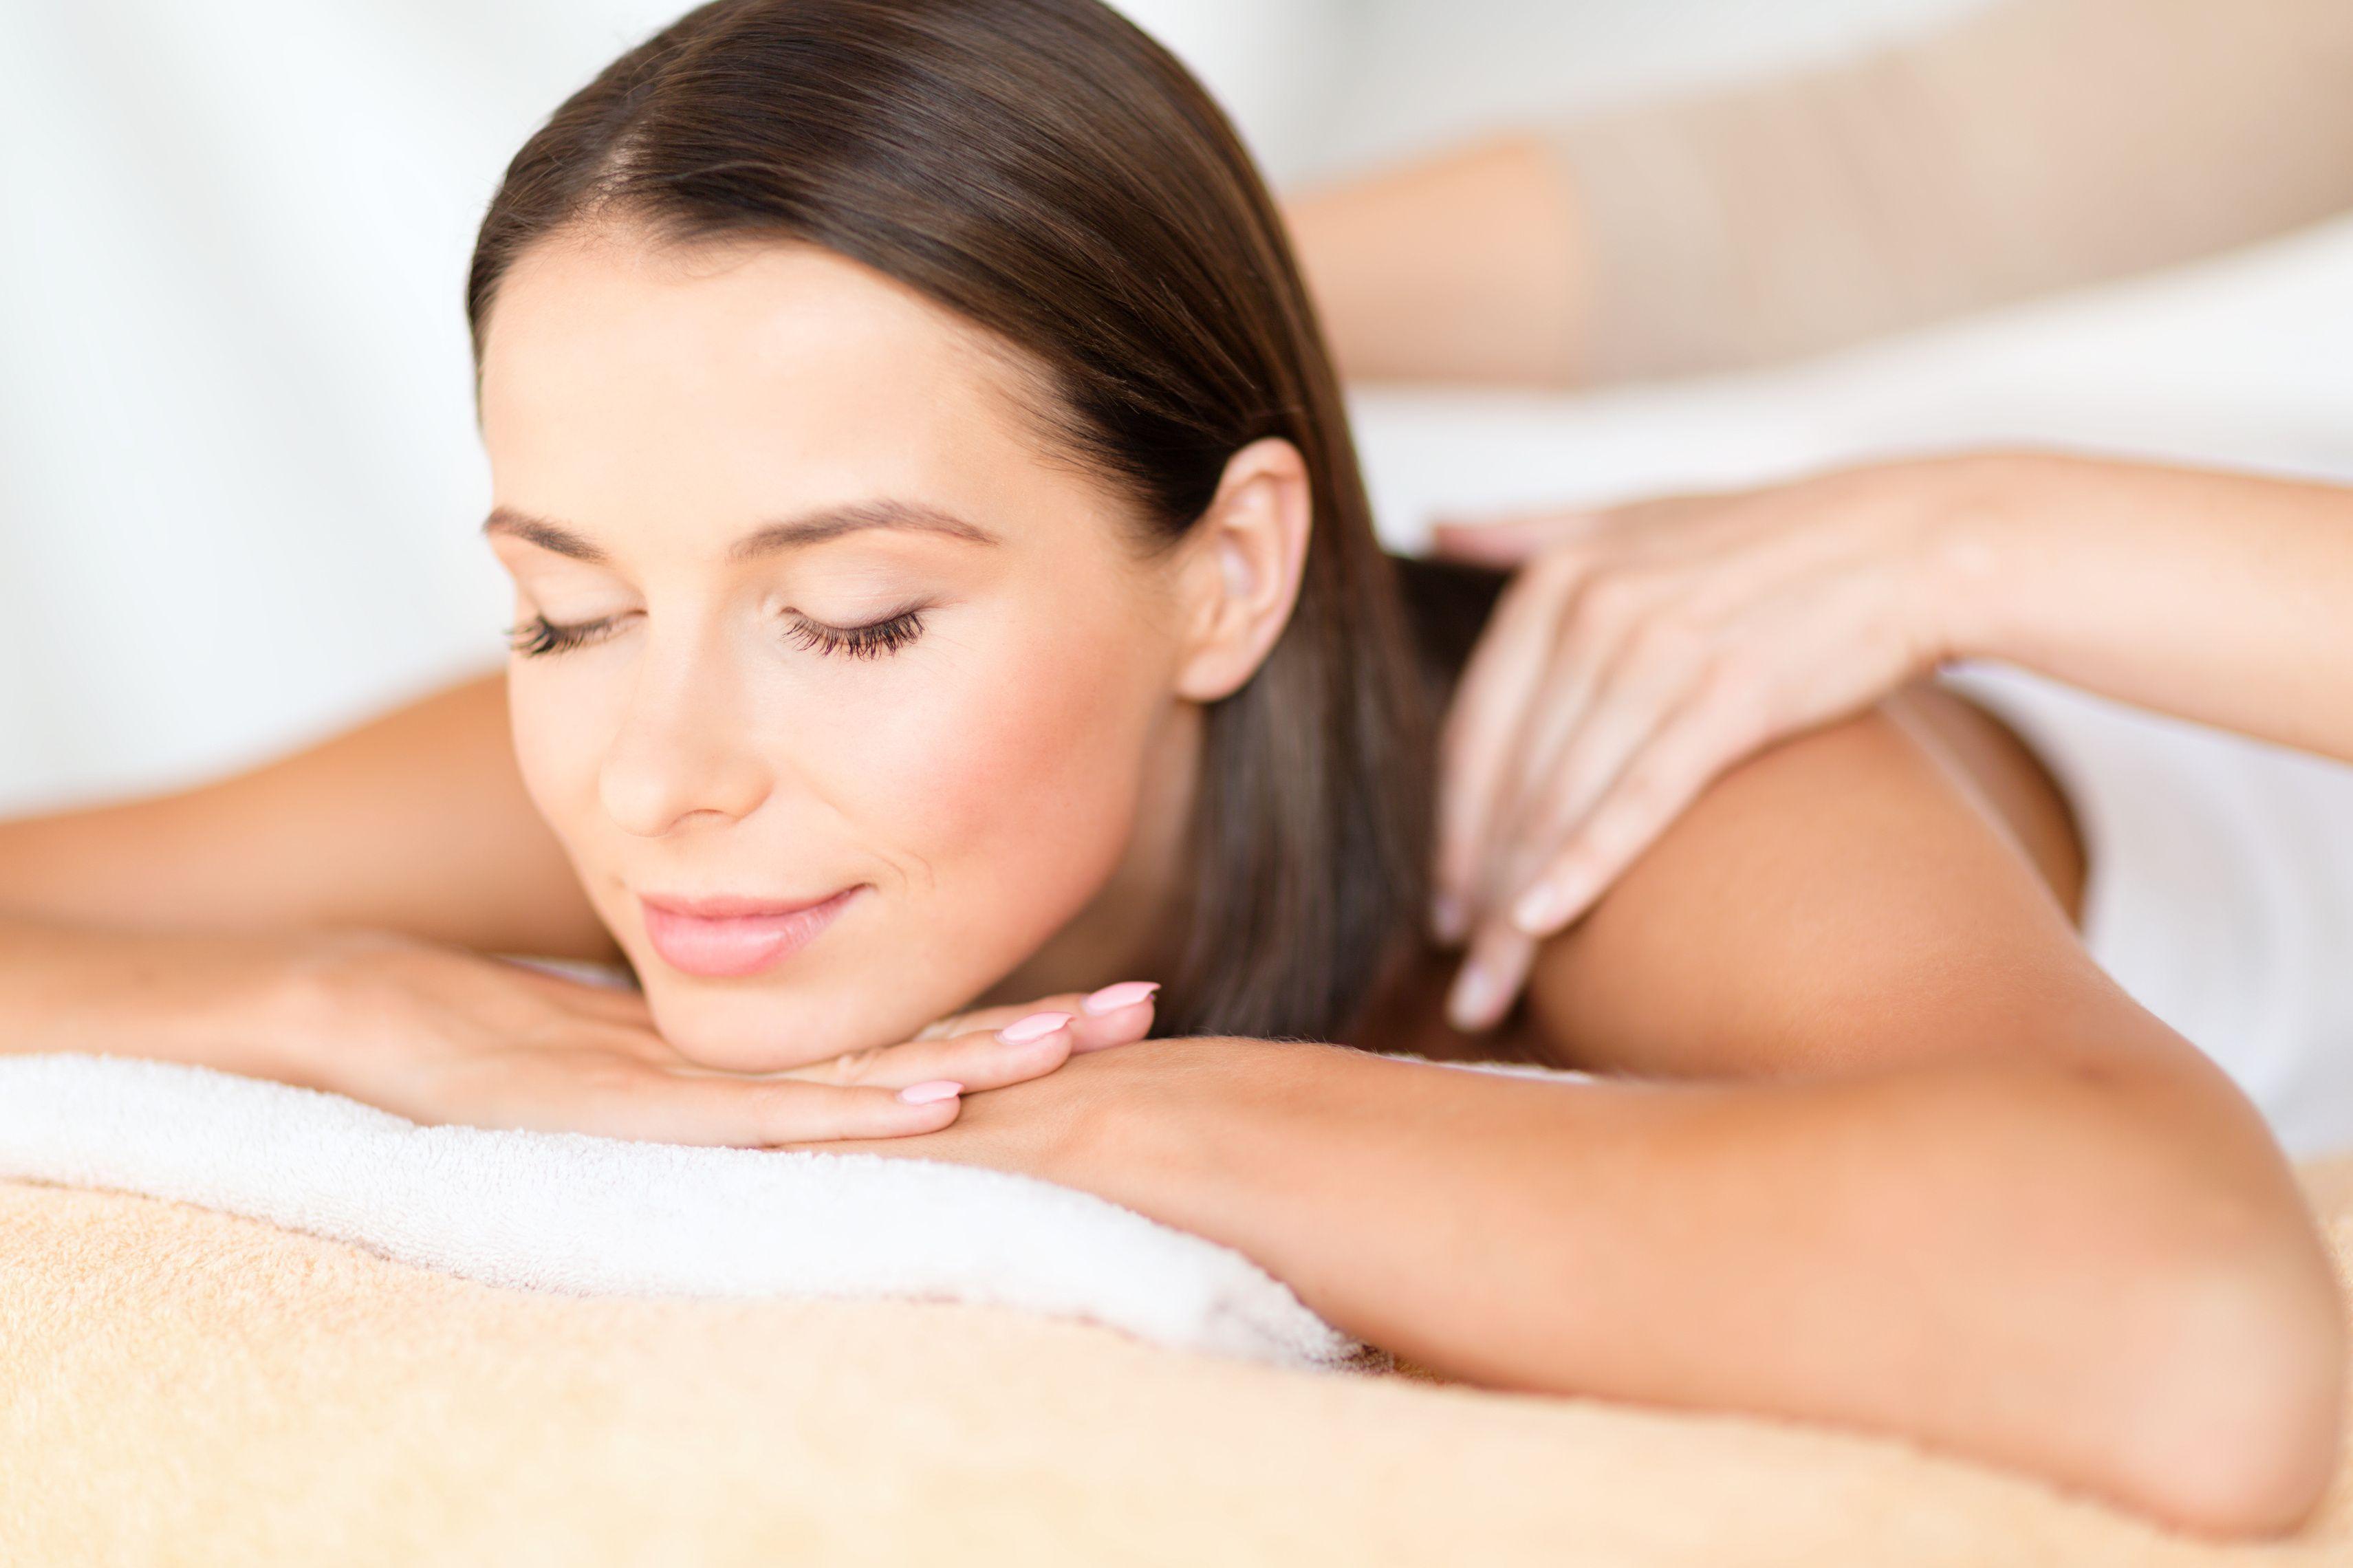 Pin By Therapeutic Massage Of Mcdonou On Http Massageofmcdonough